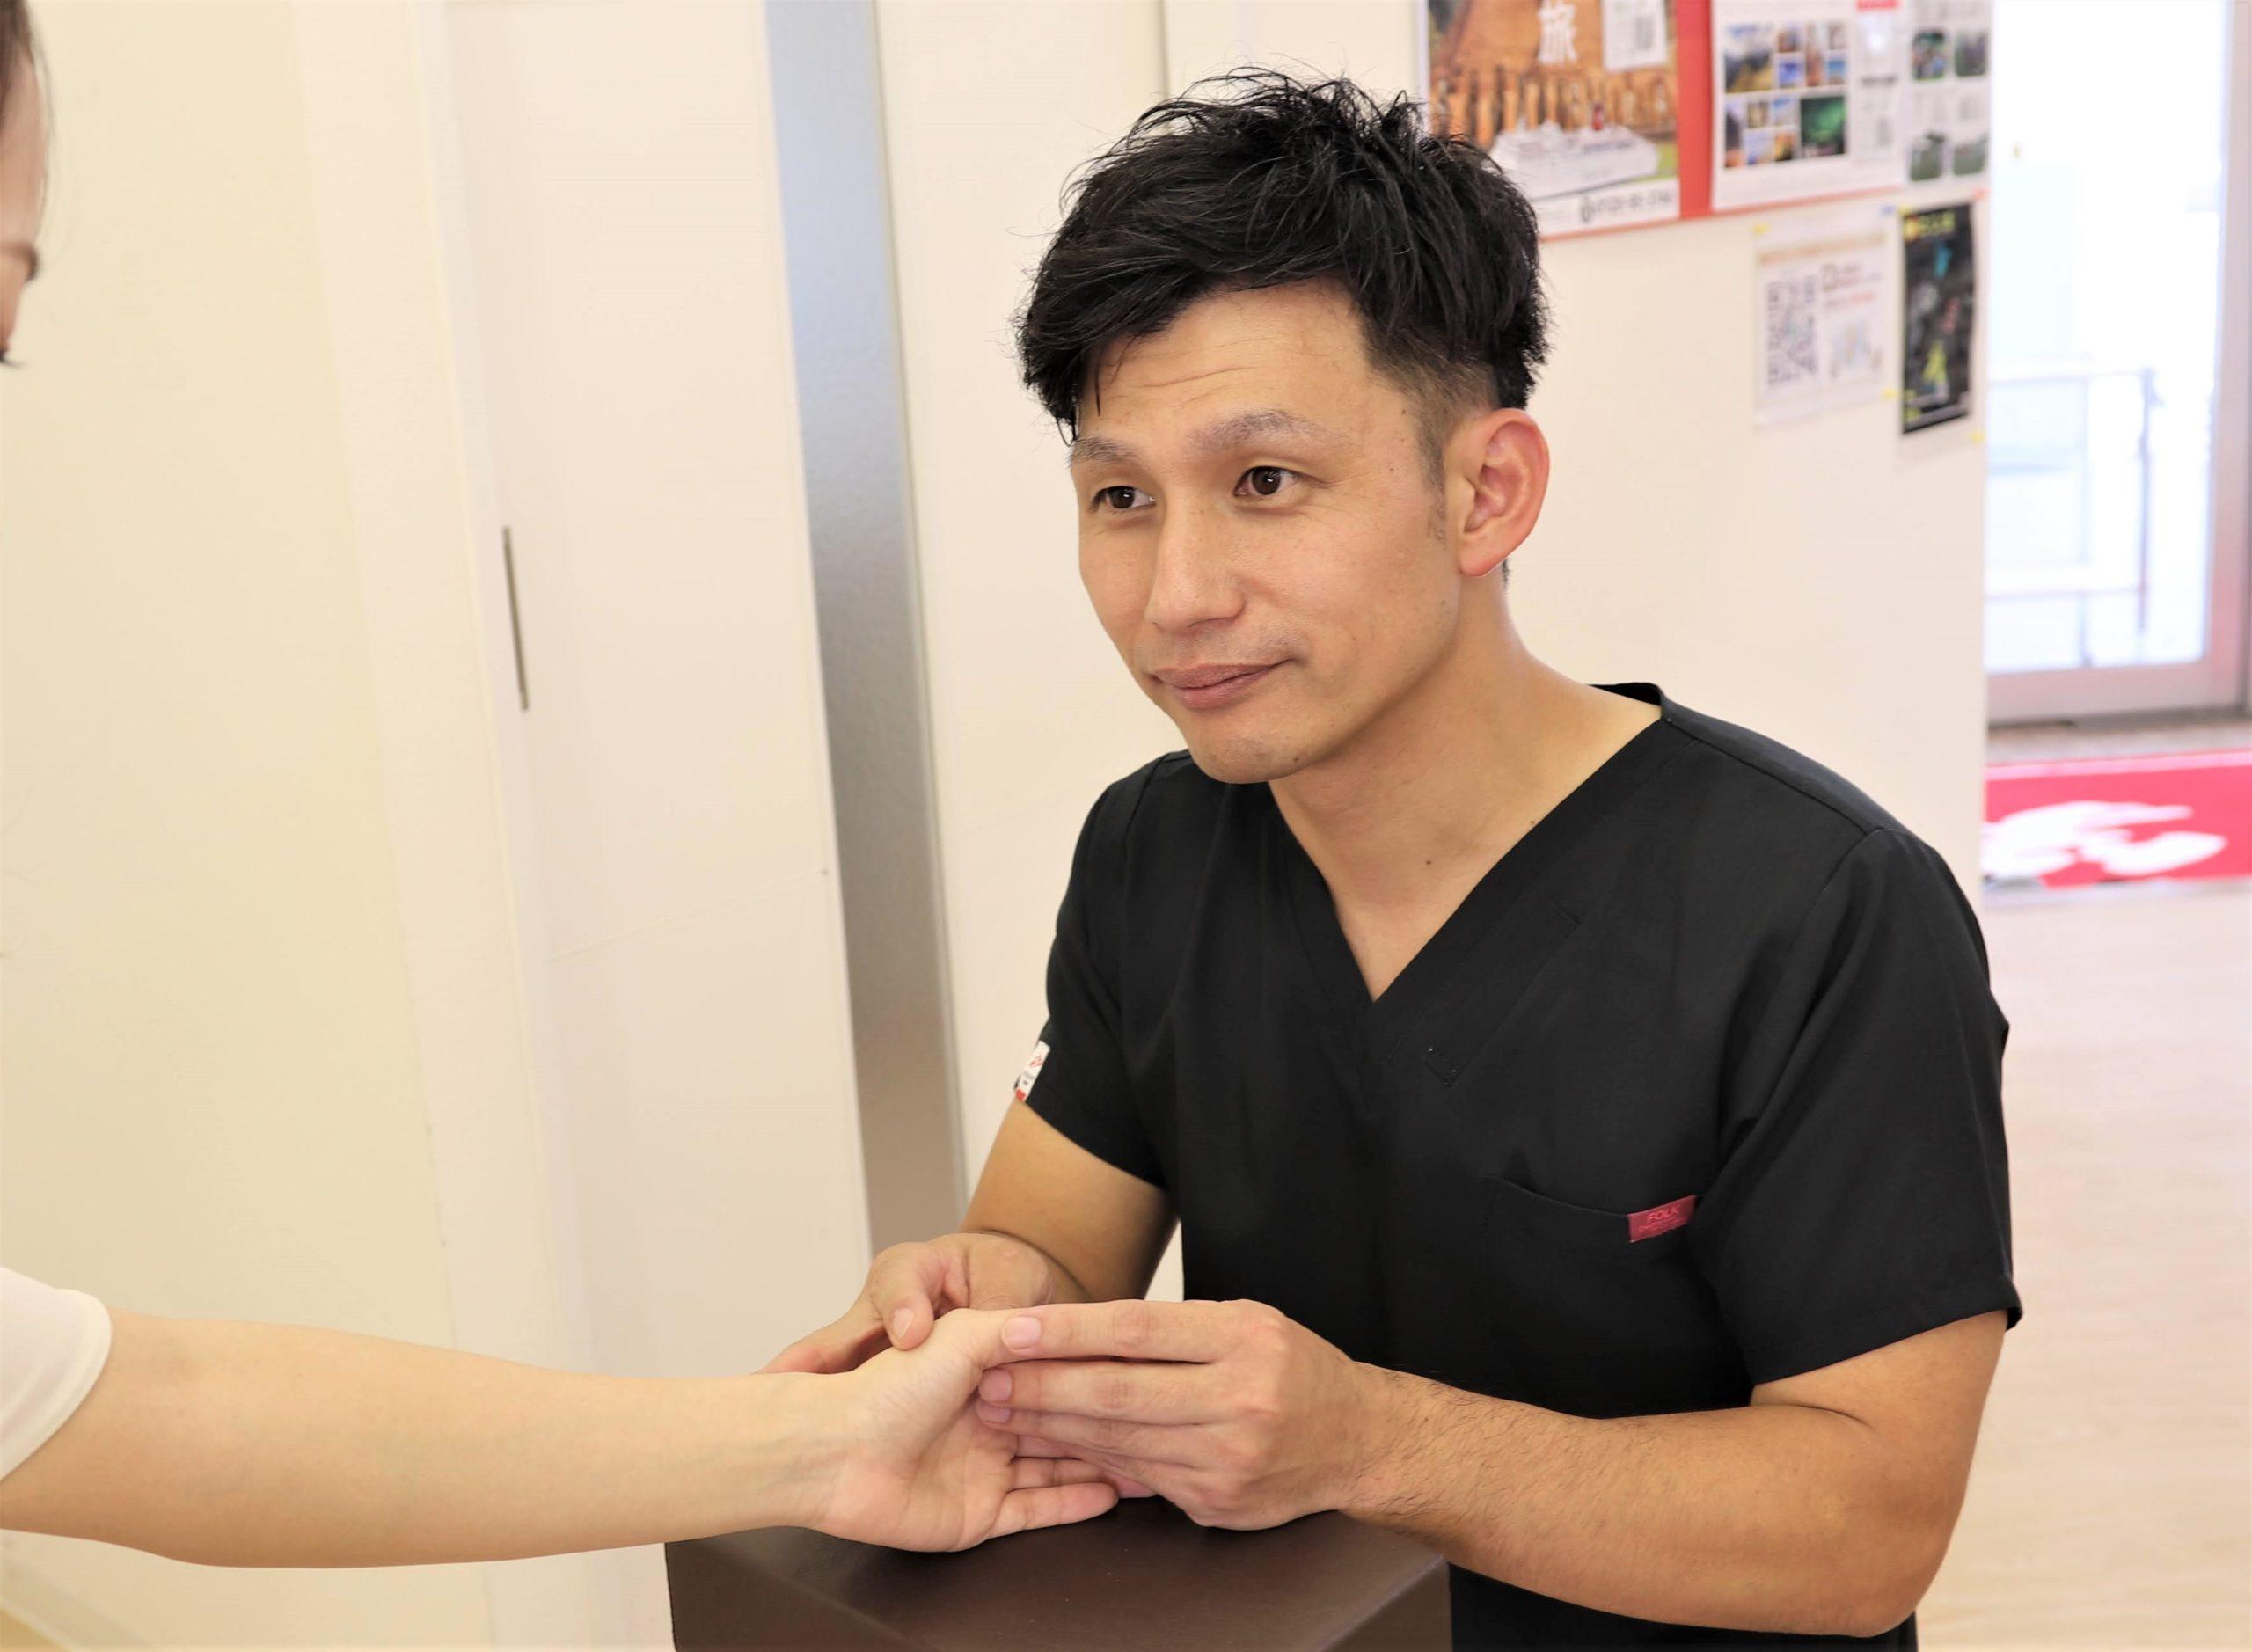 むさし鍼灸整骨院の手の施術写真